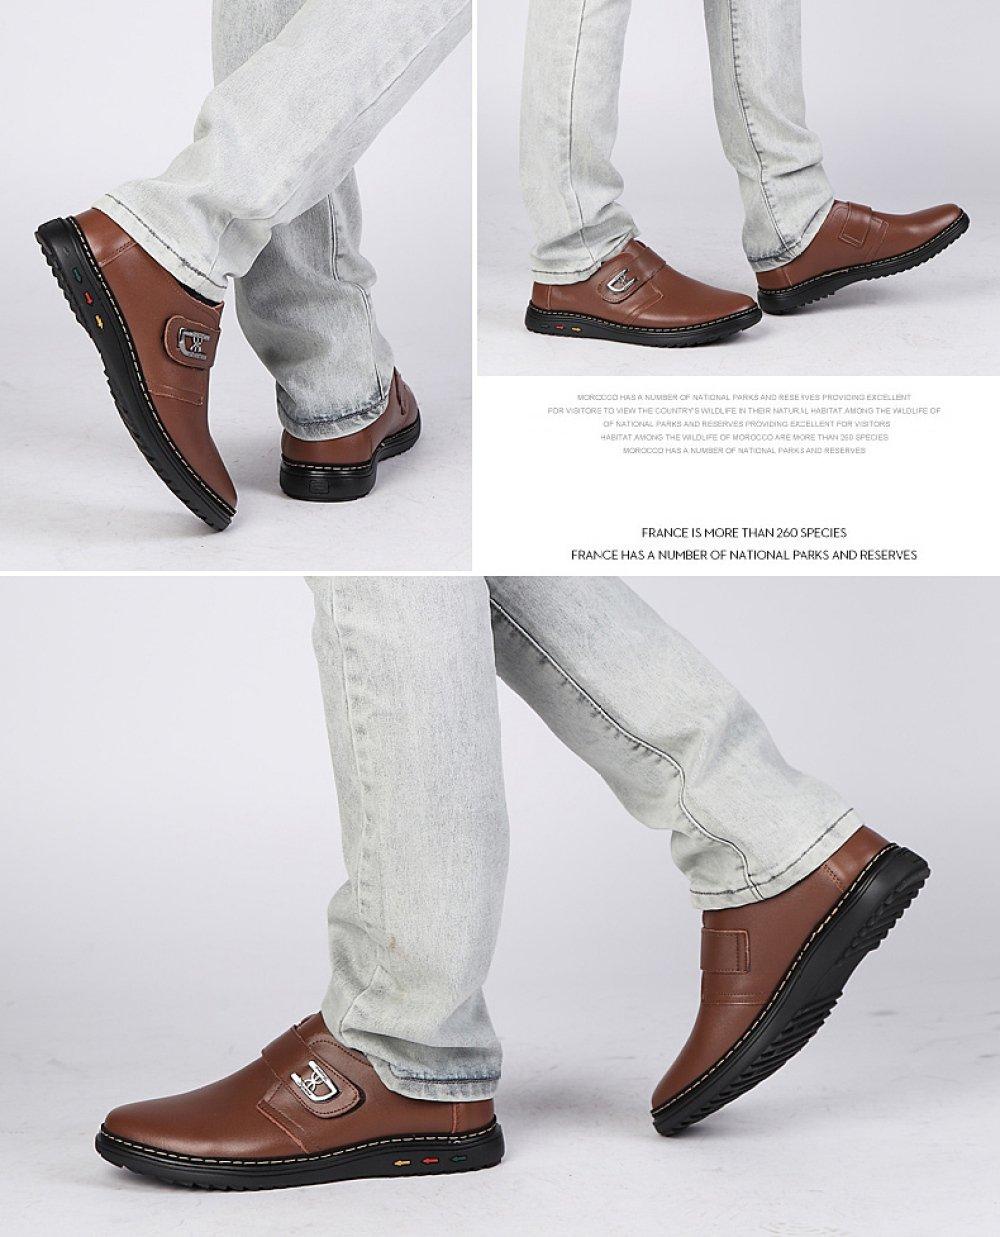 Xiaolong 2018 Neue Sommer Sandalen Schuhe Leder Freizeitschuhe Männer Männer Männer Aus Kühlen Schuhe Atmungsaktive Männer Crocs 9dcaa8